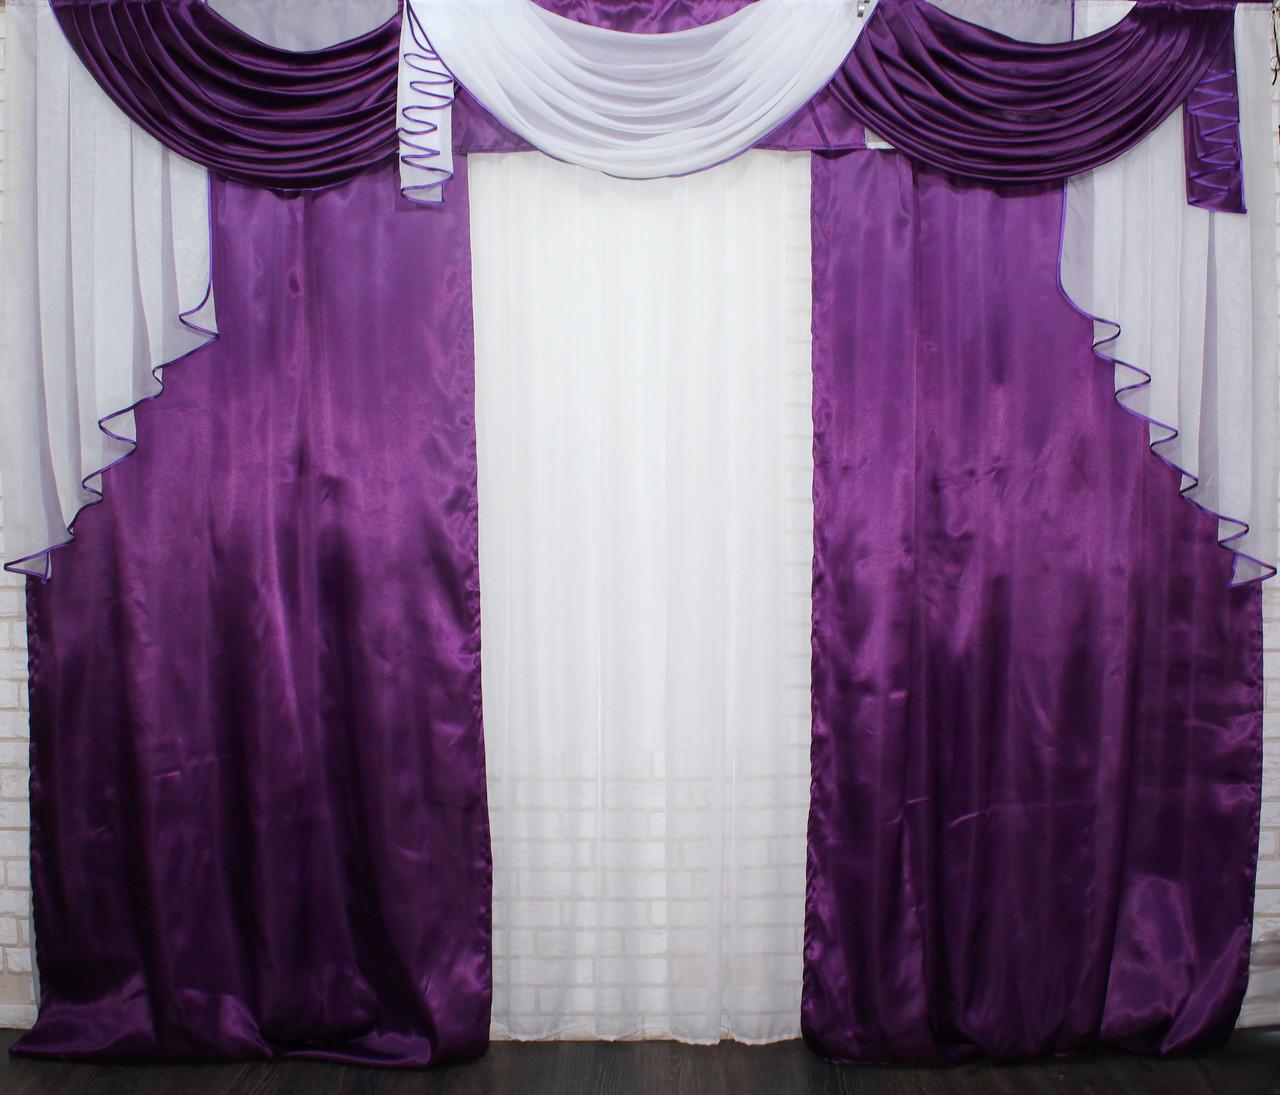 Комплект ламбрекен с портьерами 3м. Модель №135 фиолетовый с белым (3*2,8) 70-030